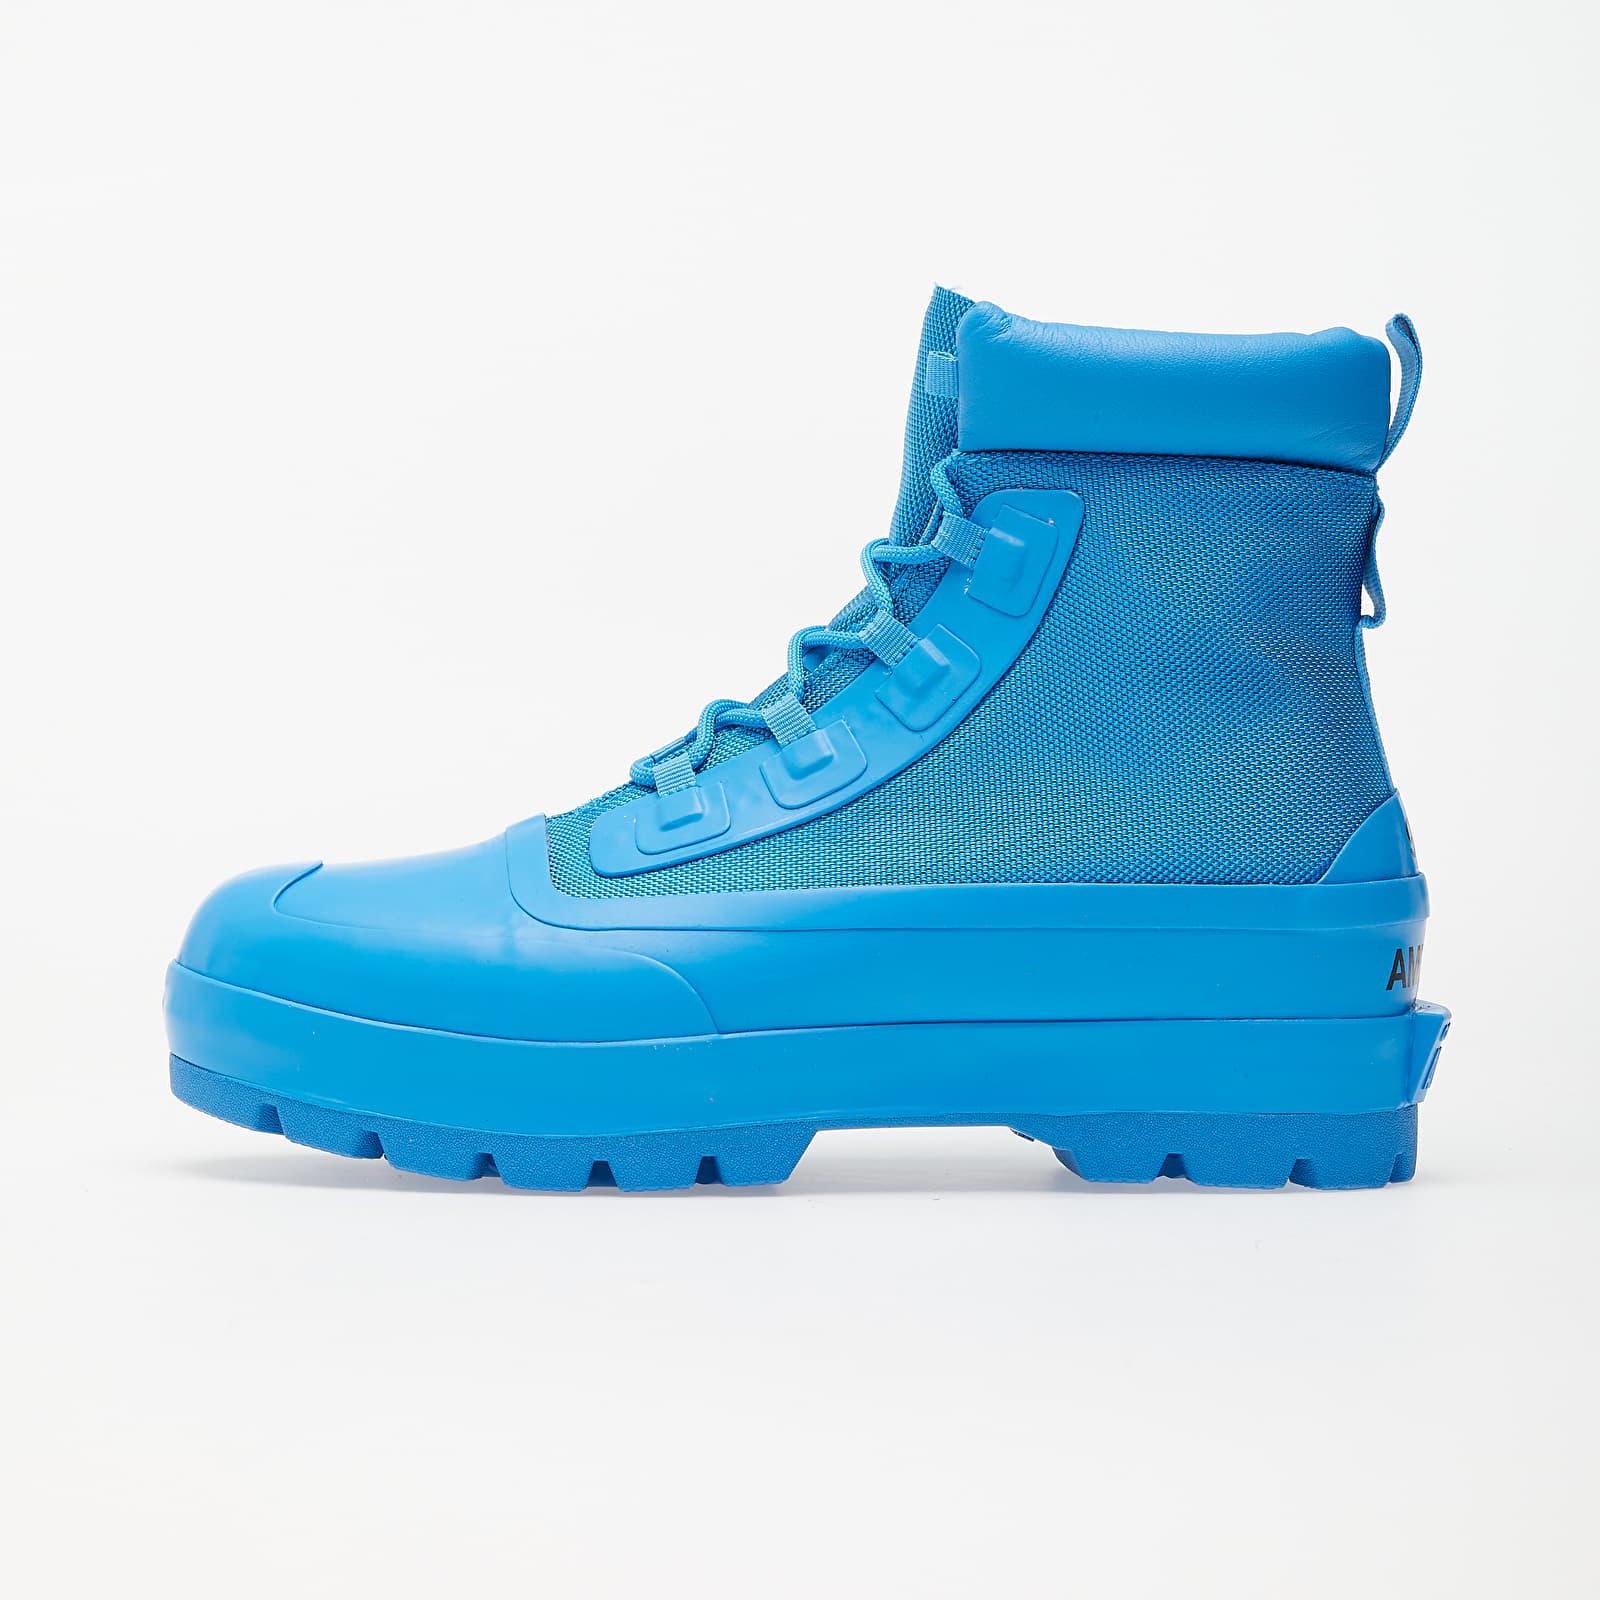 Încălțăminte și sneakerși pentru bărbați Converse x Ambush Chuck Taylor All Star Duck BOOT Blithe/ Blithe/ Blithe